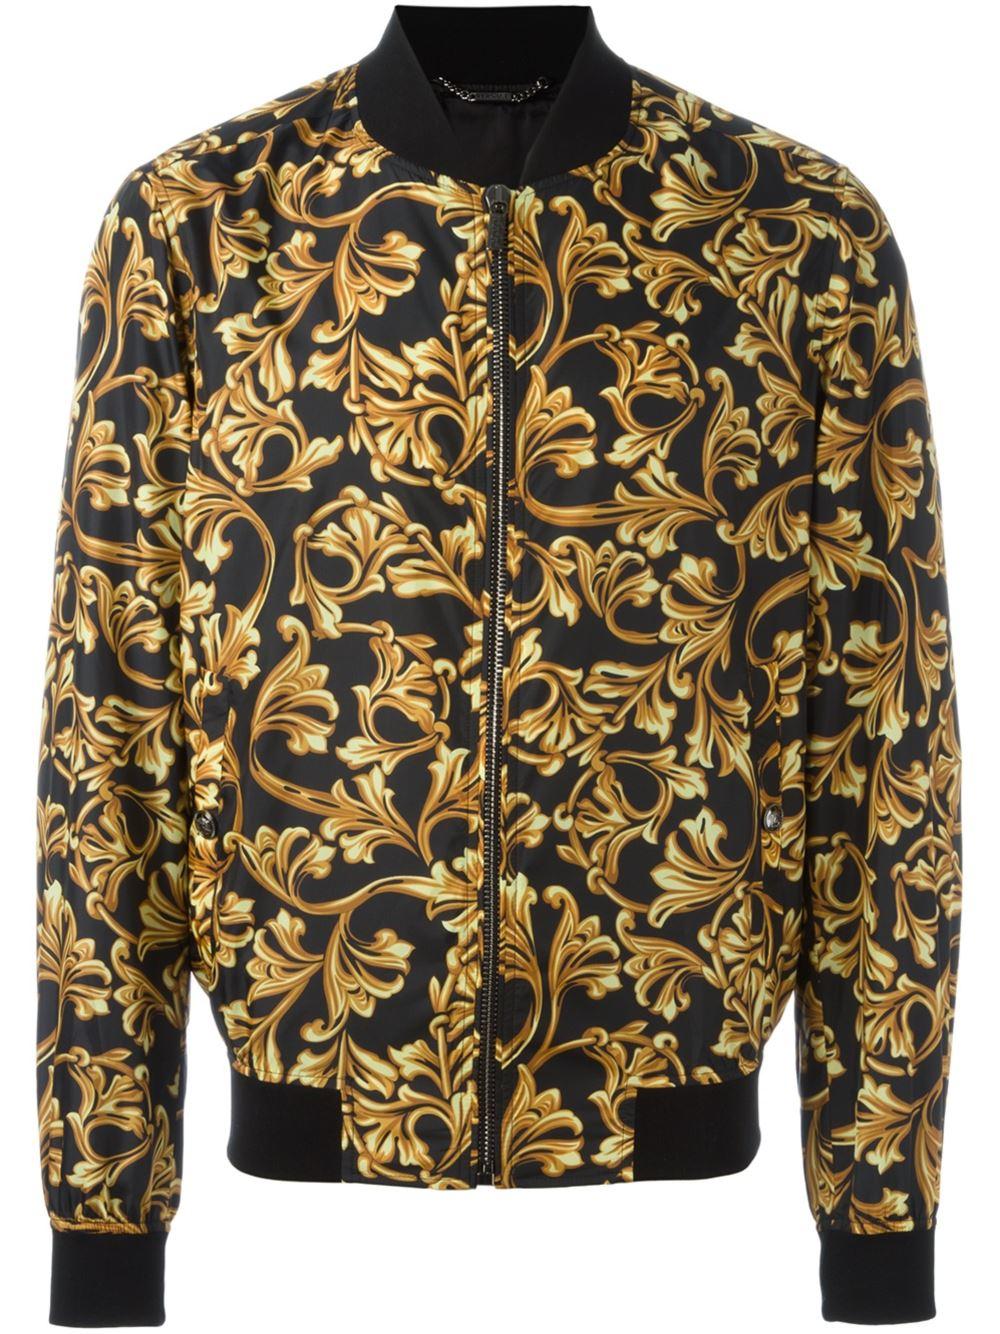 versace baroque print bomber jacket in black for men lyst. Black Bedroom Furniture Sets. Home Design Ideas